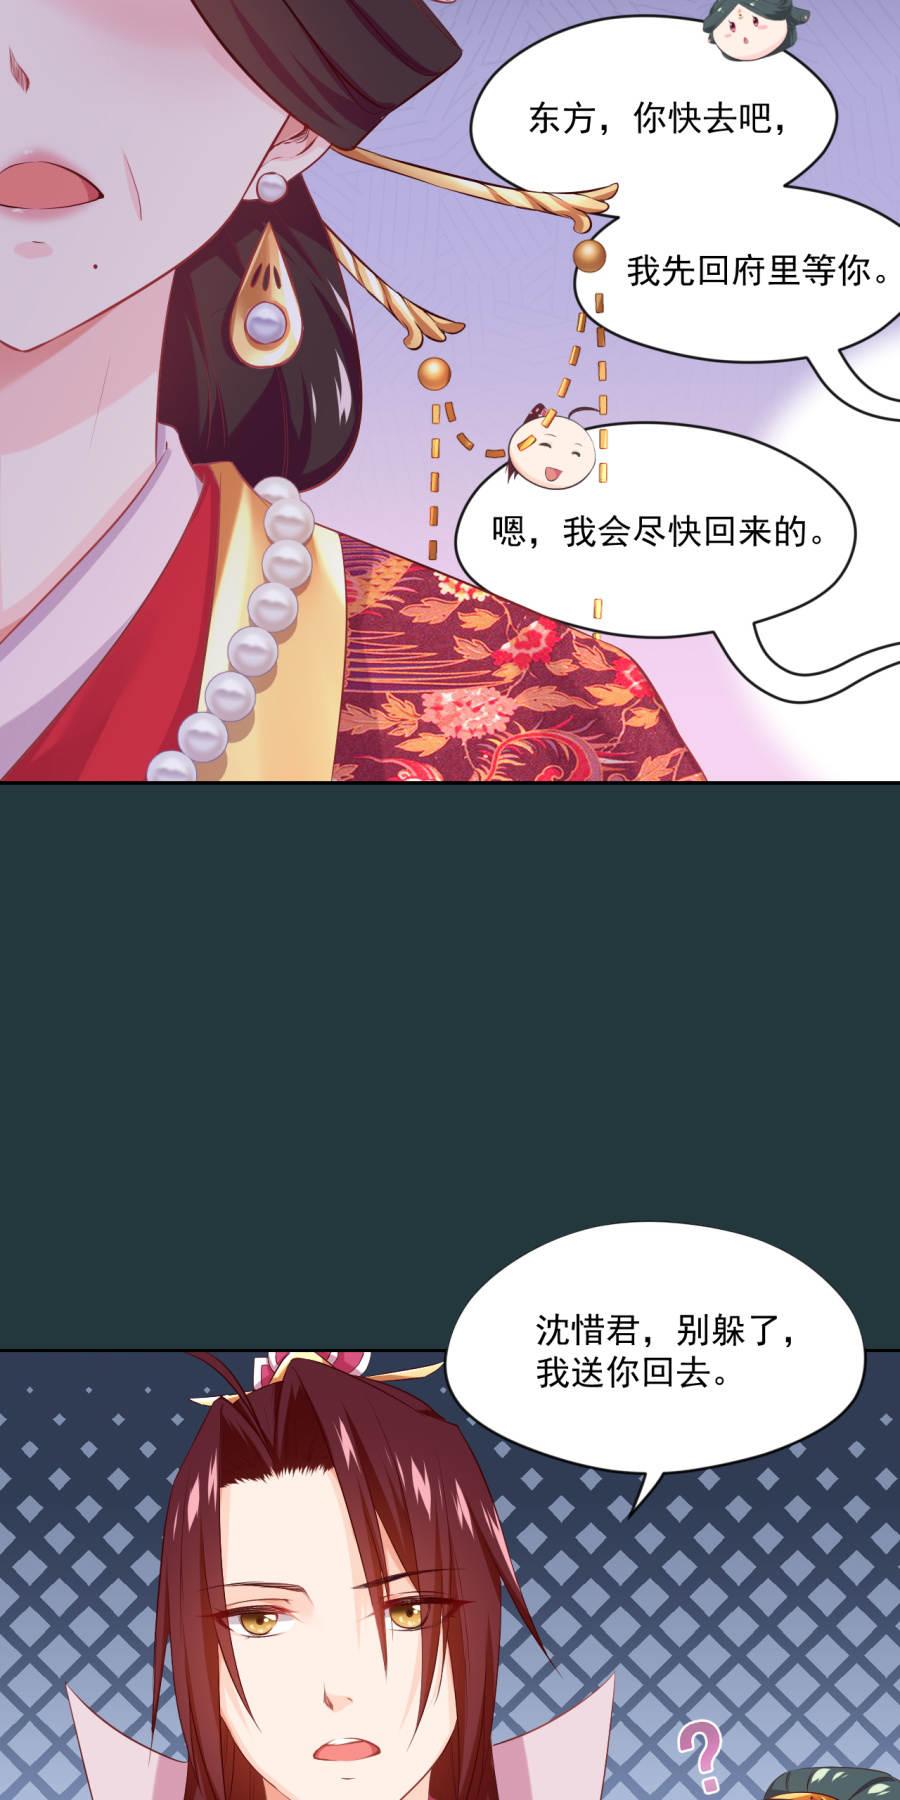 盛世帝王妃第79话  见到了东方的母亲 第 6